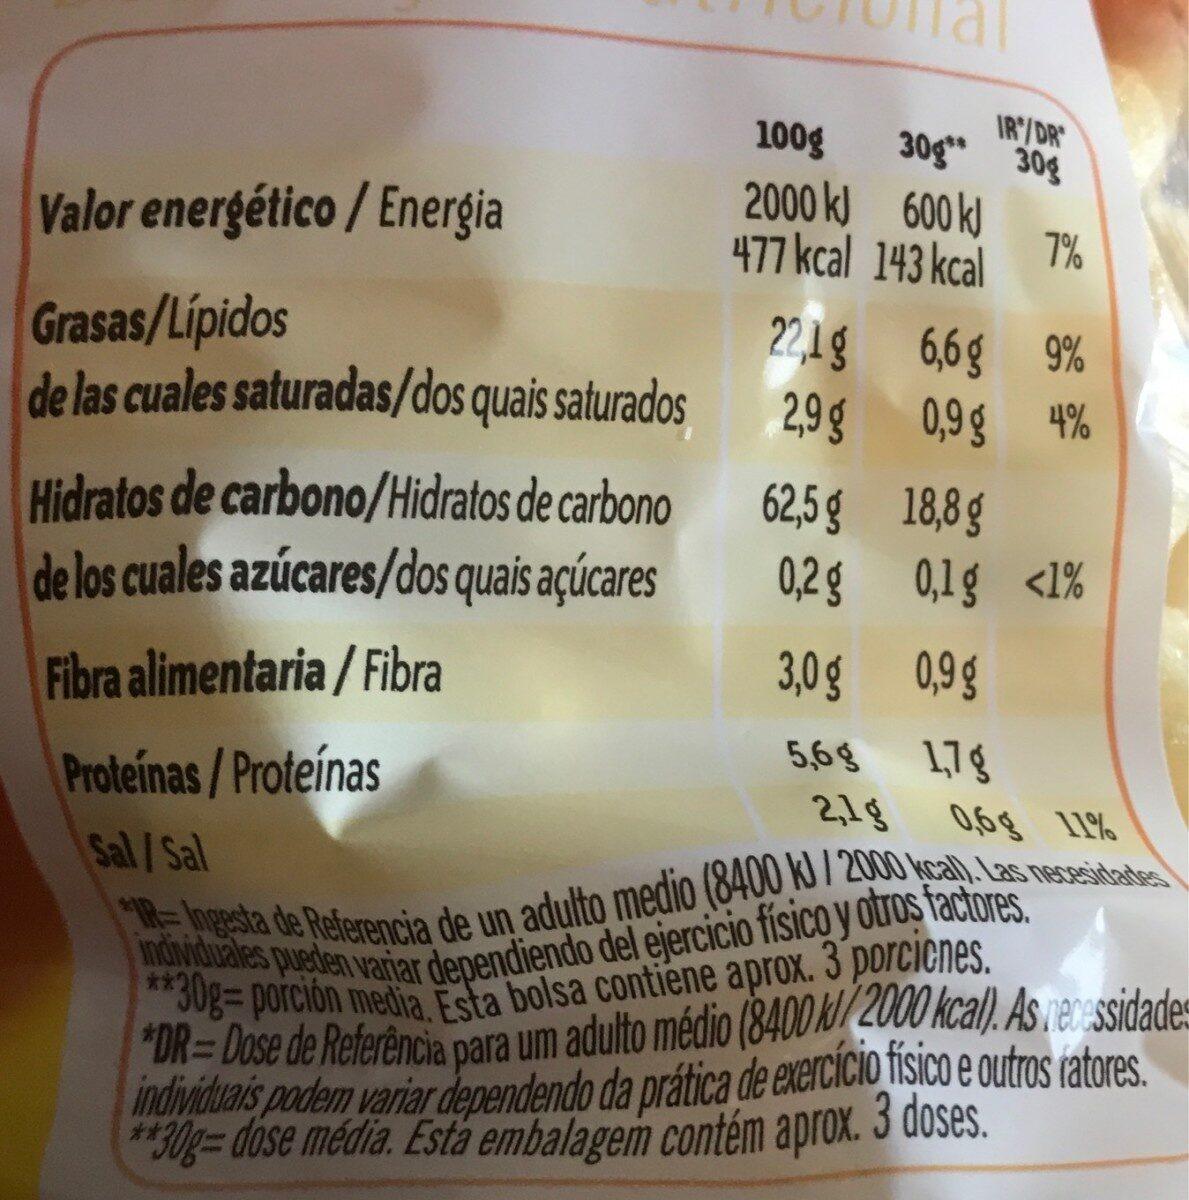 Gustosines snack bolsa 80 g - Información nutricional